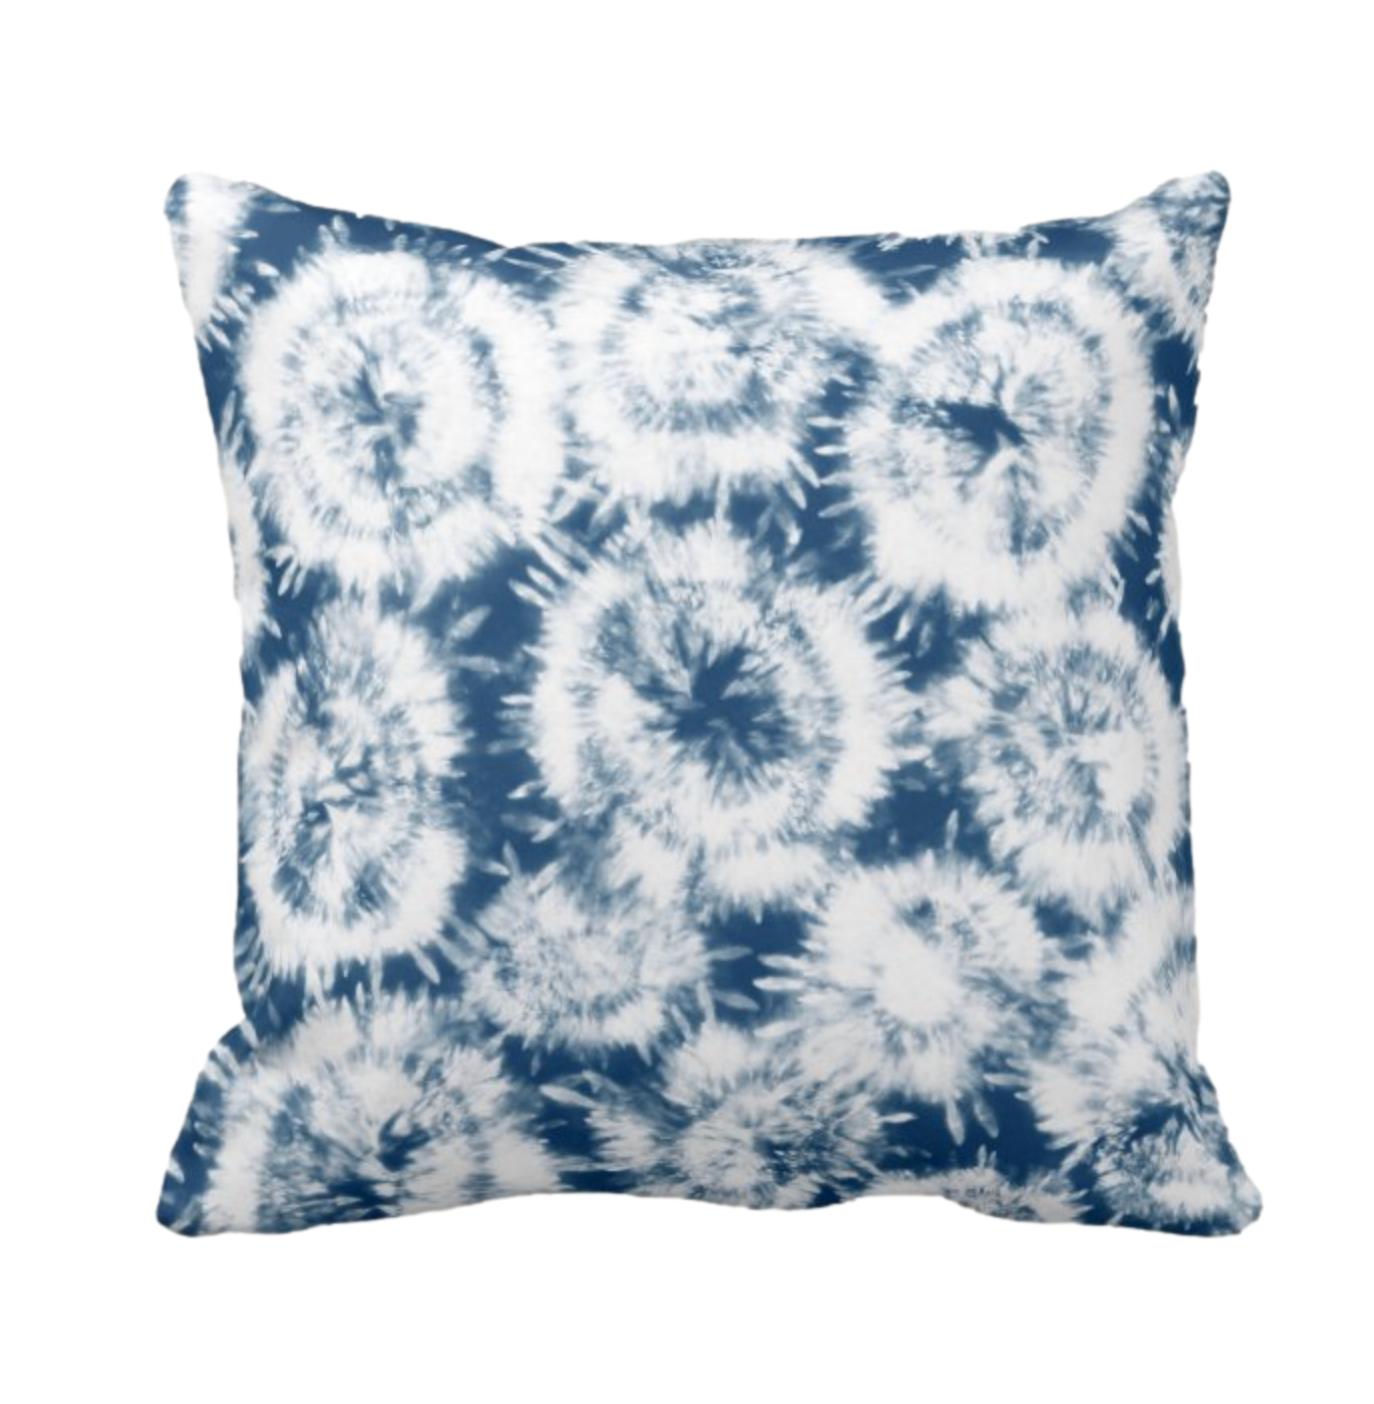 Tie Dye Print Design Throw Cushion 6